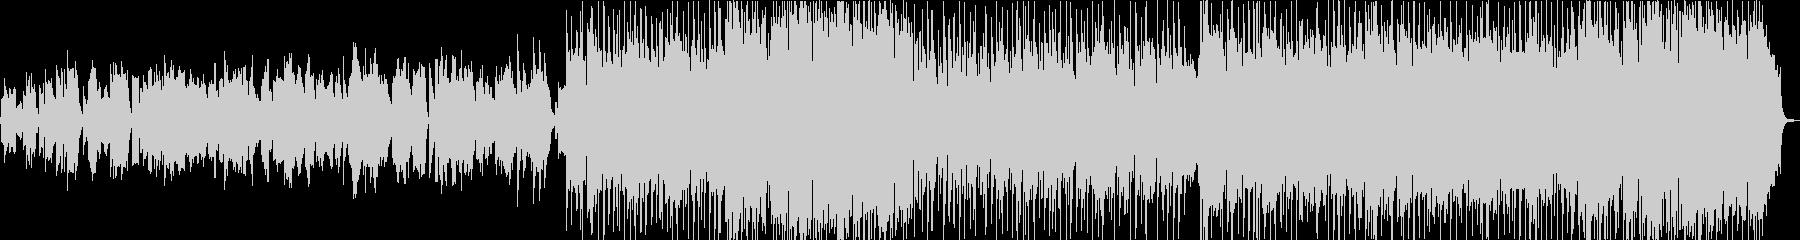 オーボエを旋律としたバラードの未再生の波形